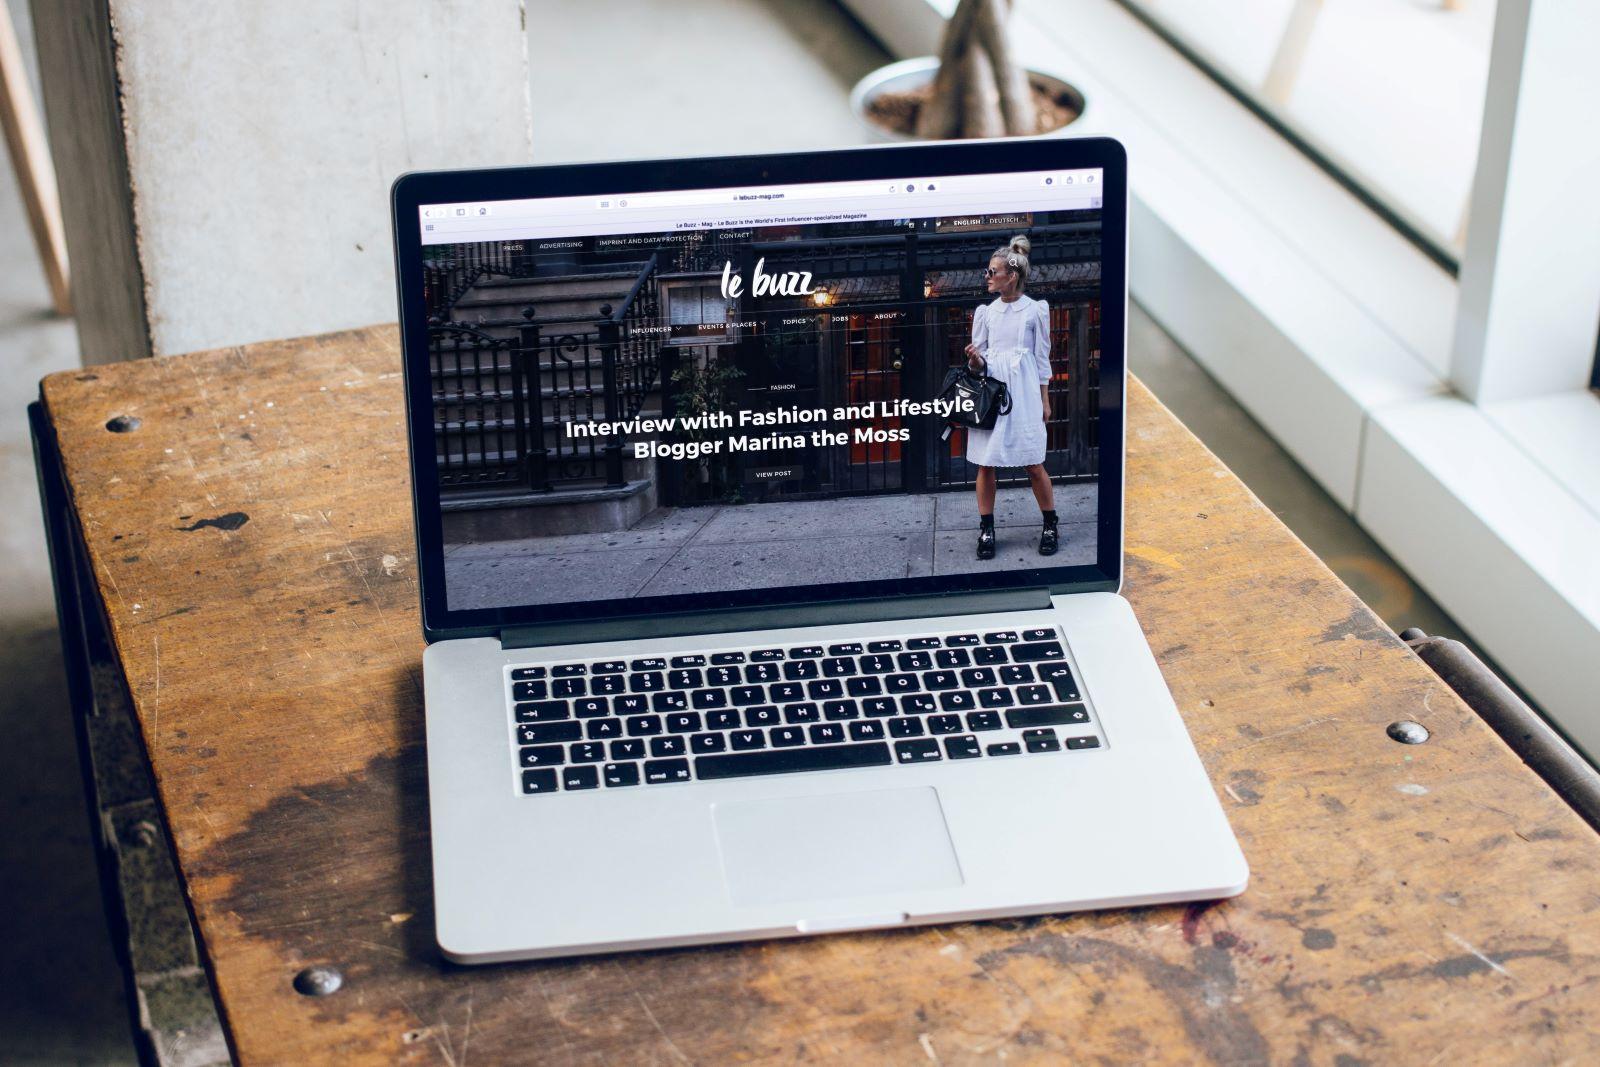 Storytelling agency Antwerpen